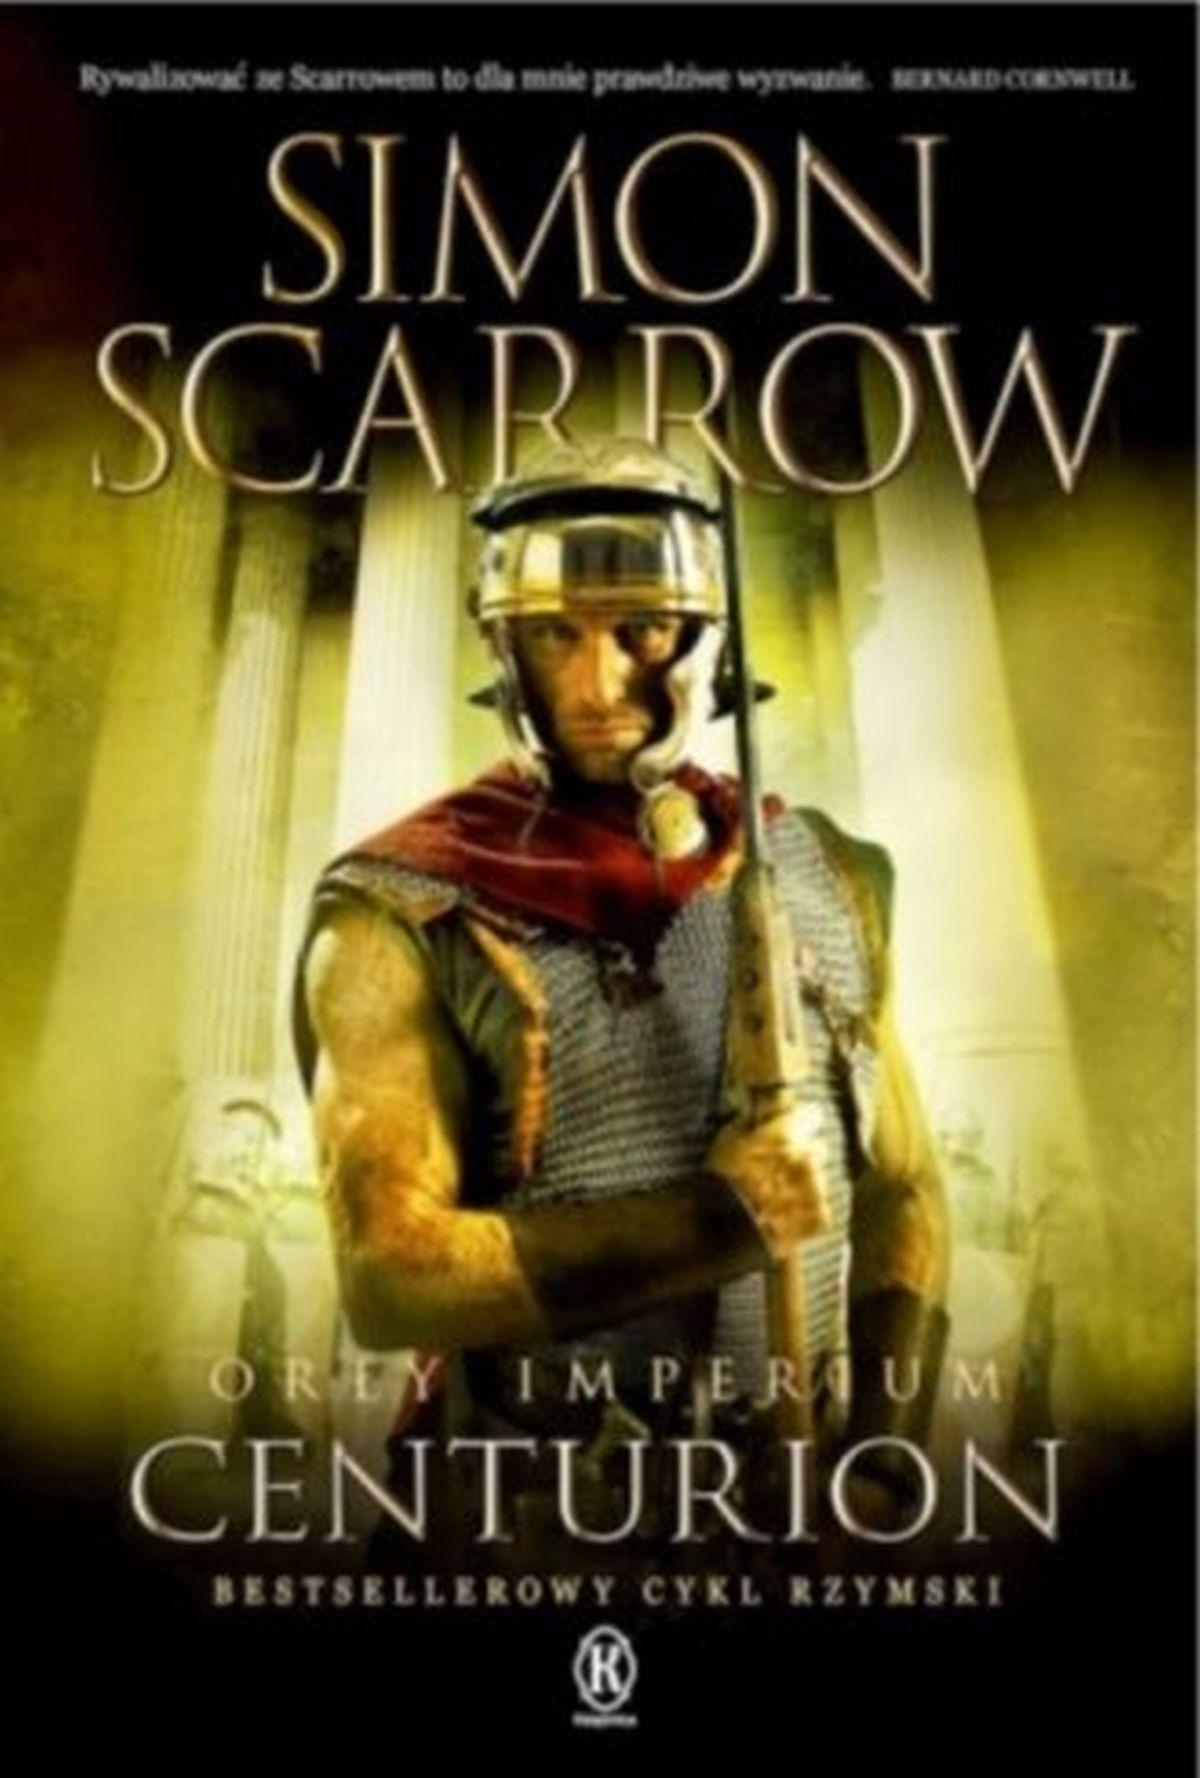 orly-imperium-8-centurion